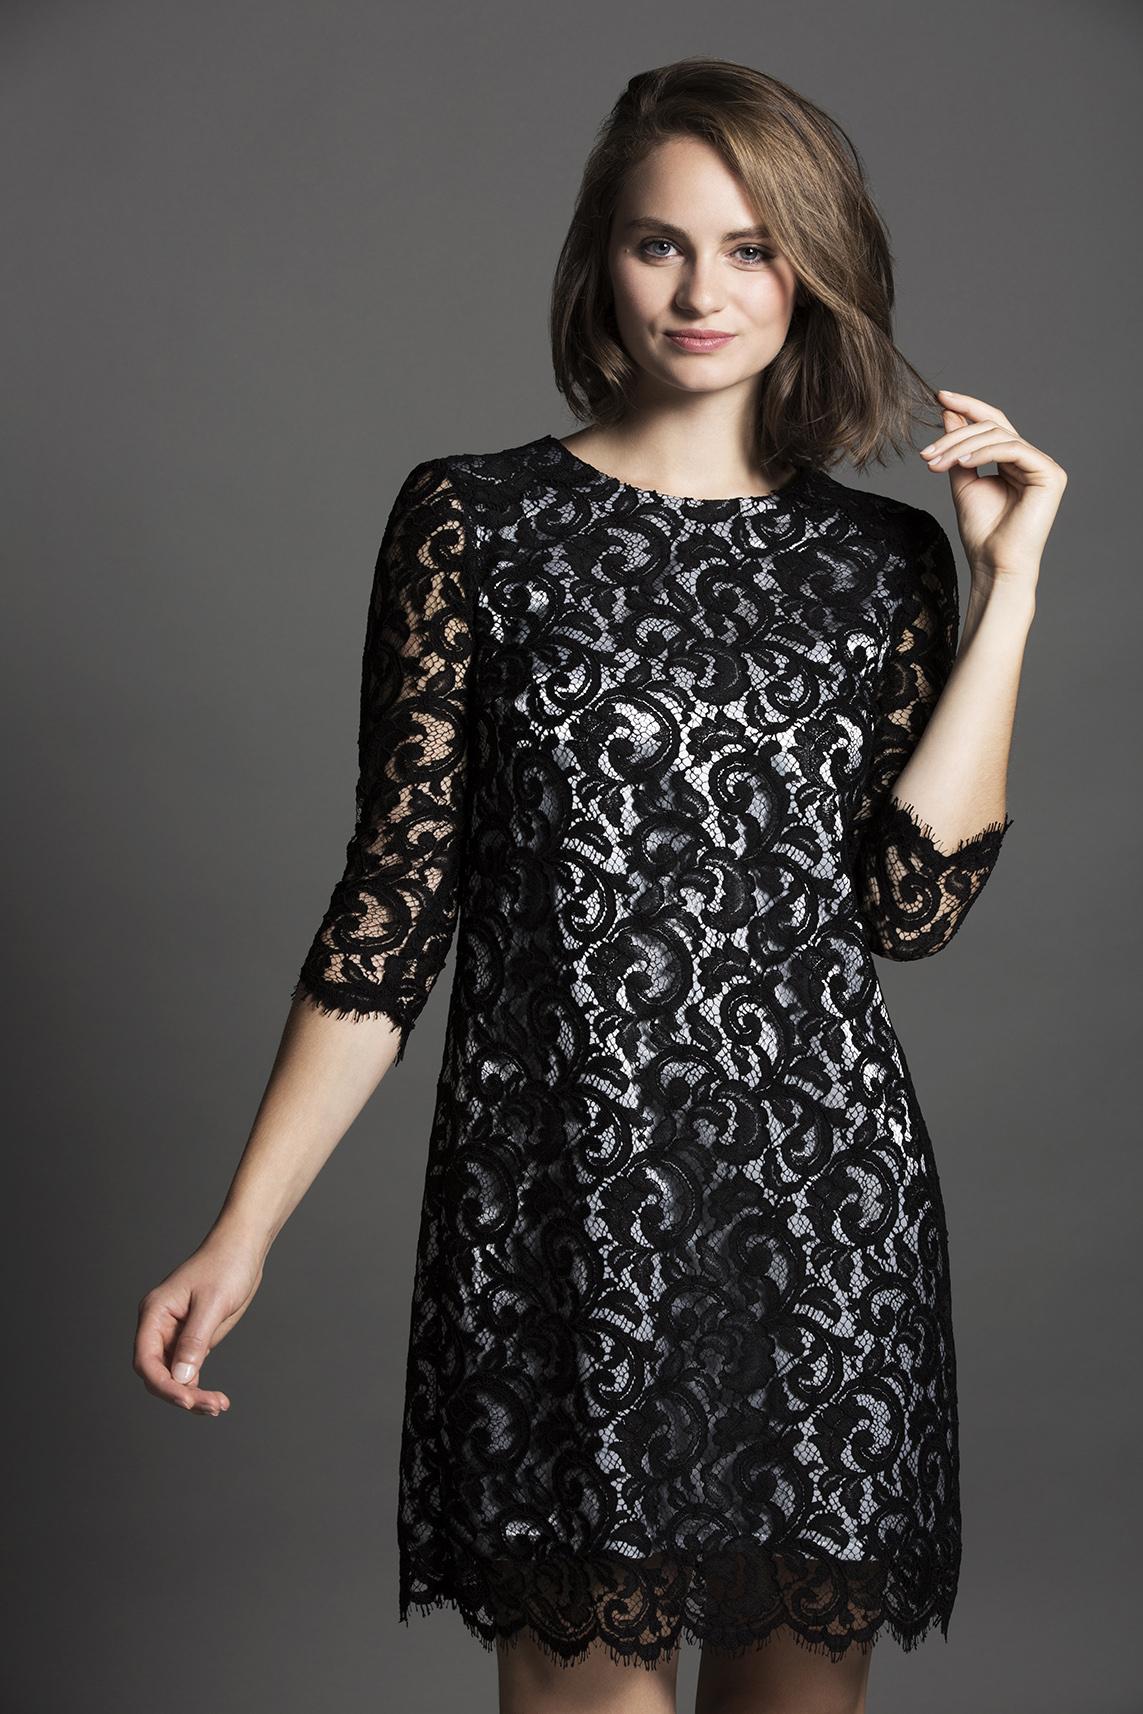 f85b8e1637e Robe dentelle noire guipure - Collection Milan